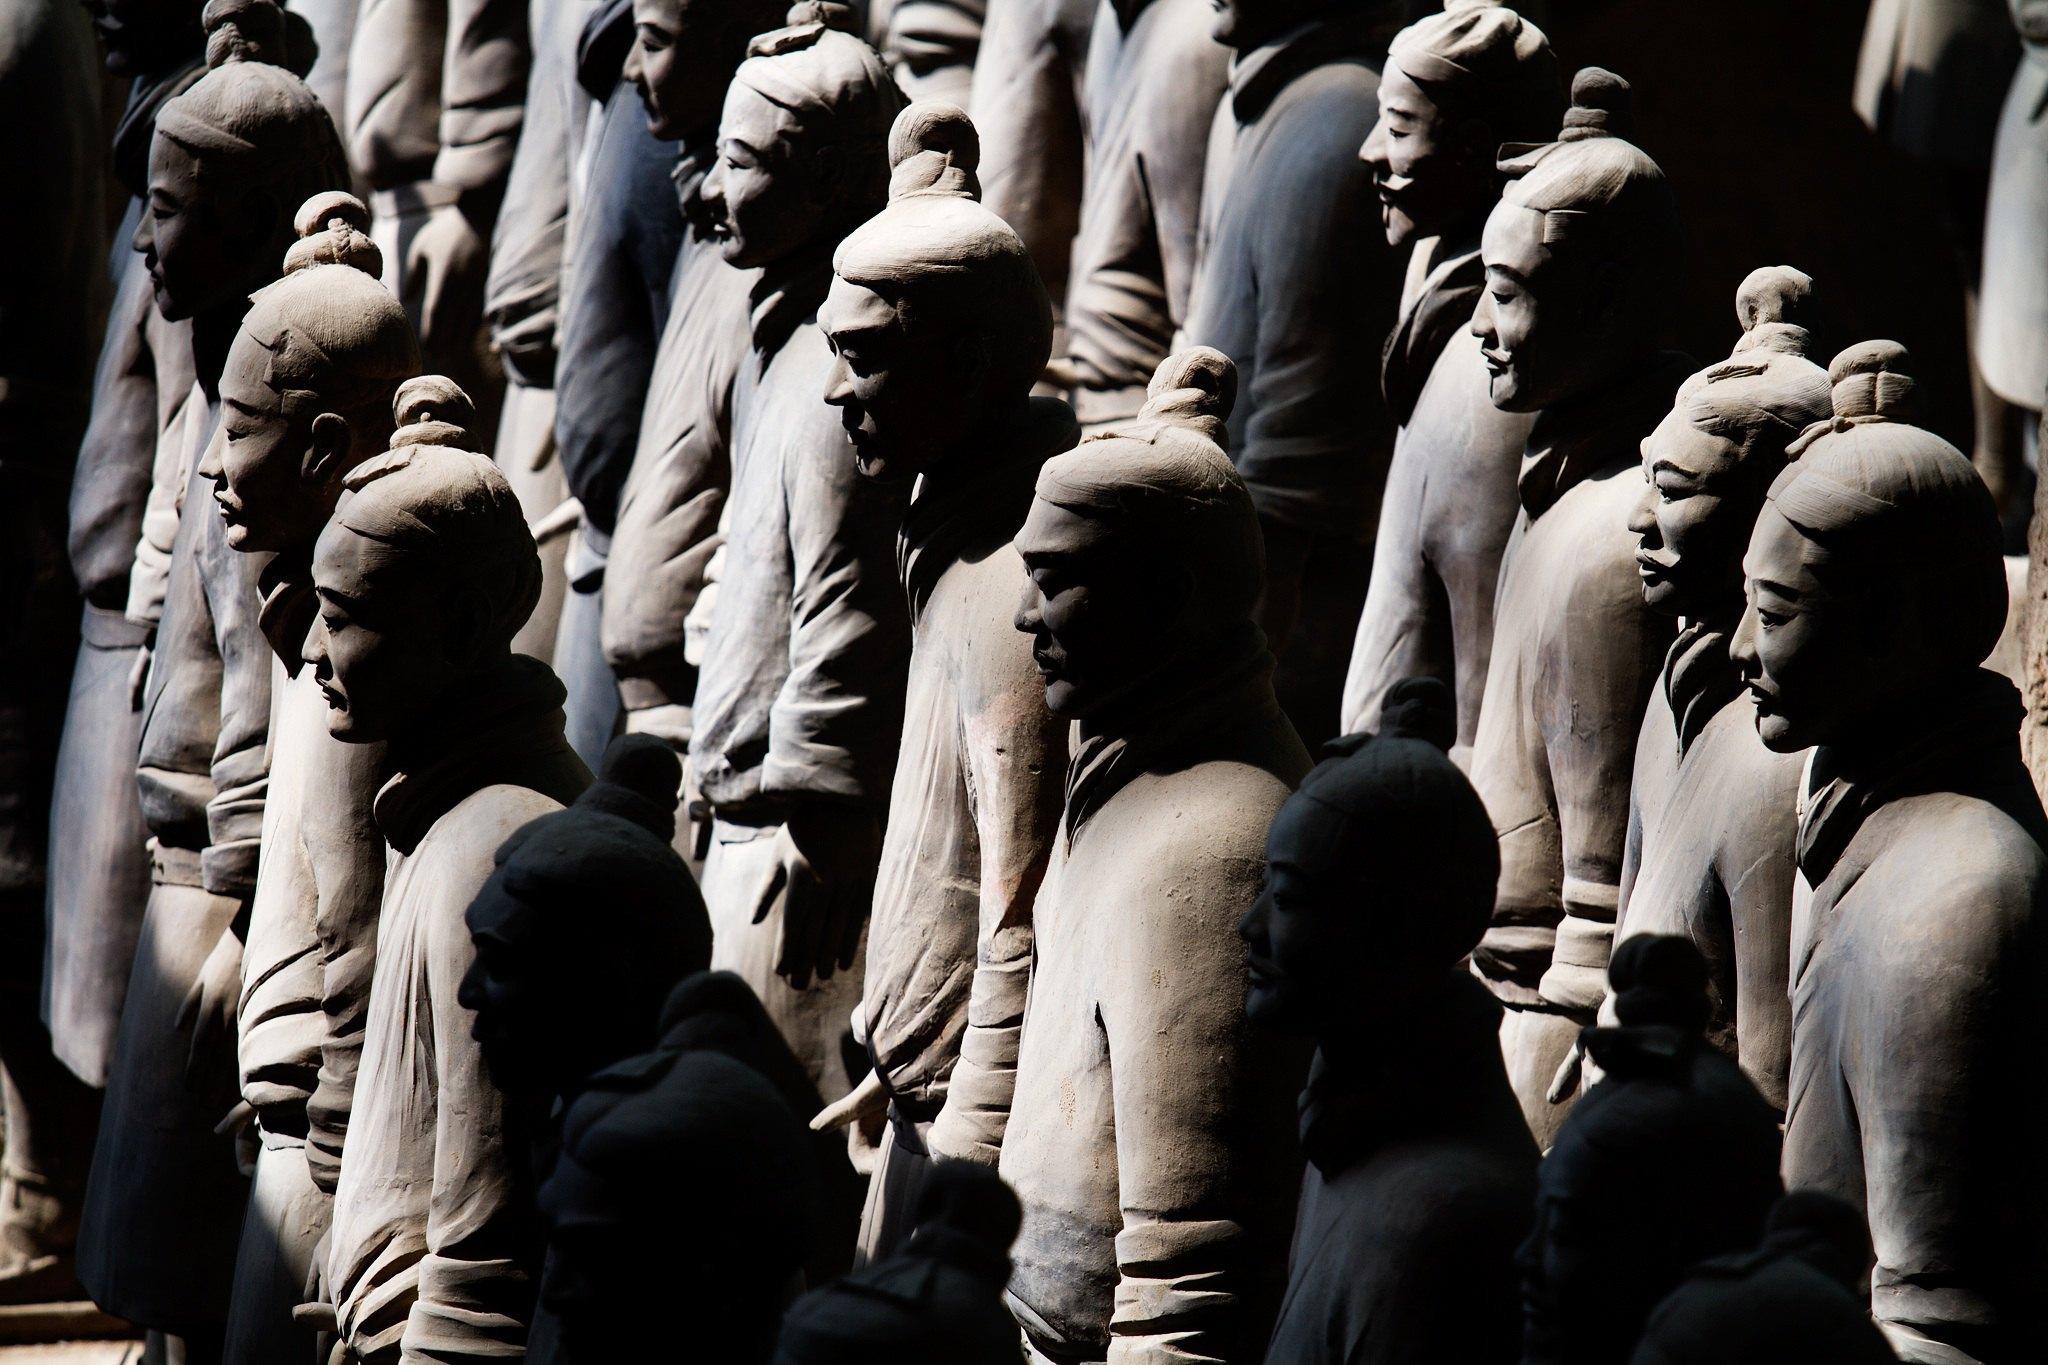 秦始皇兵馬俑博物館    -0